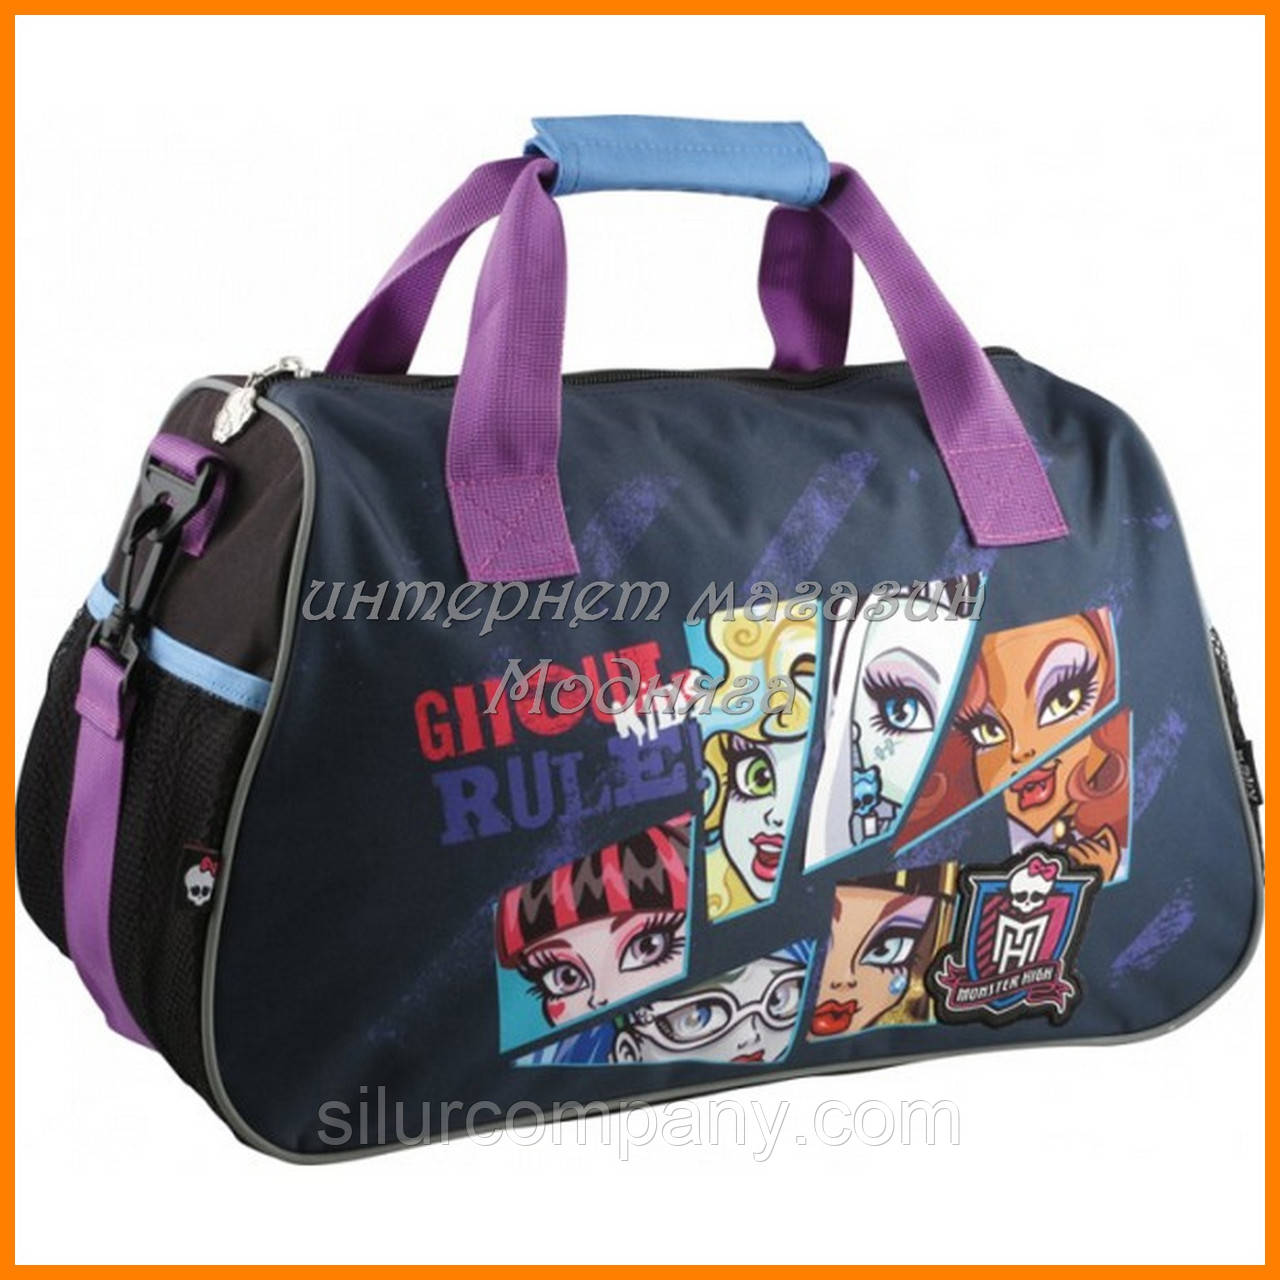 37b1d6a2d108 Стильные немецкие сумки   Сумка